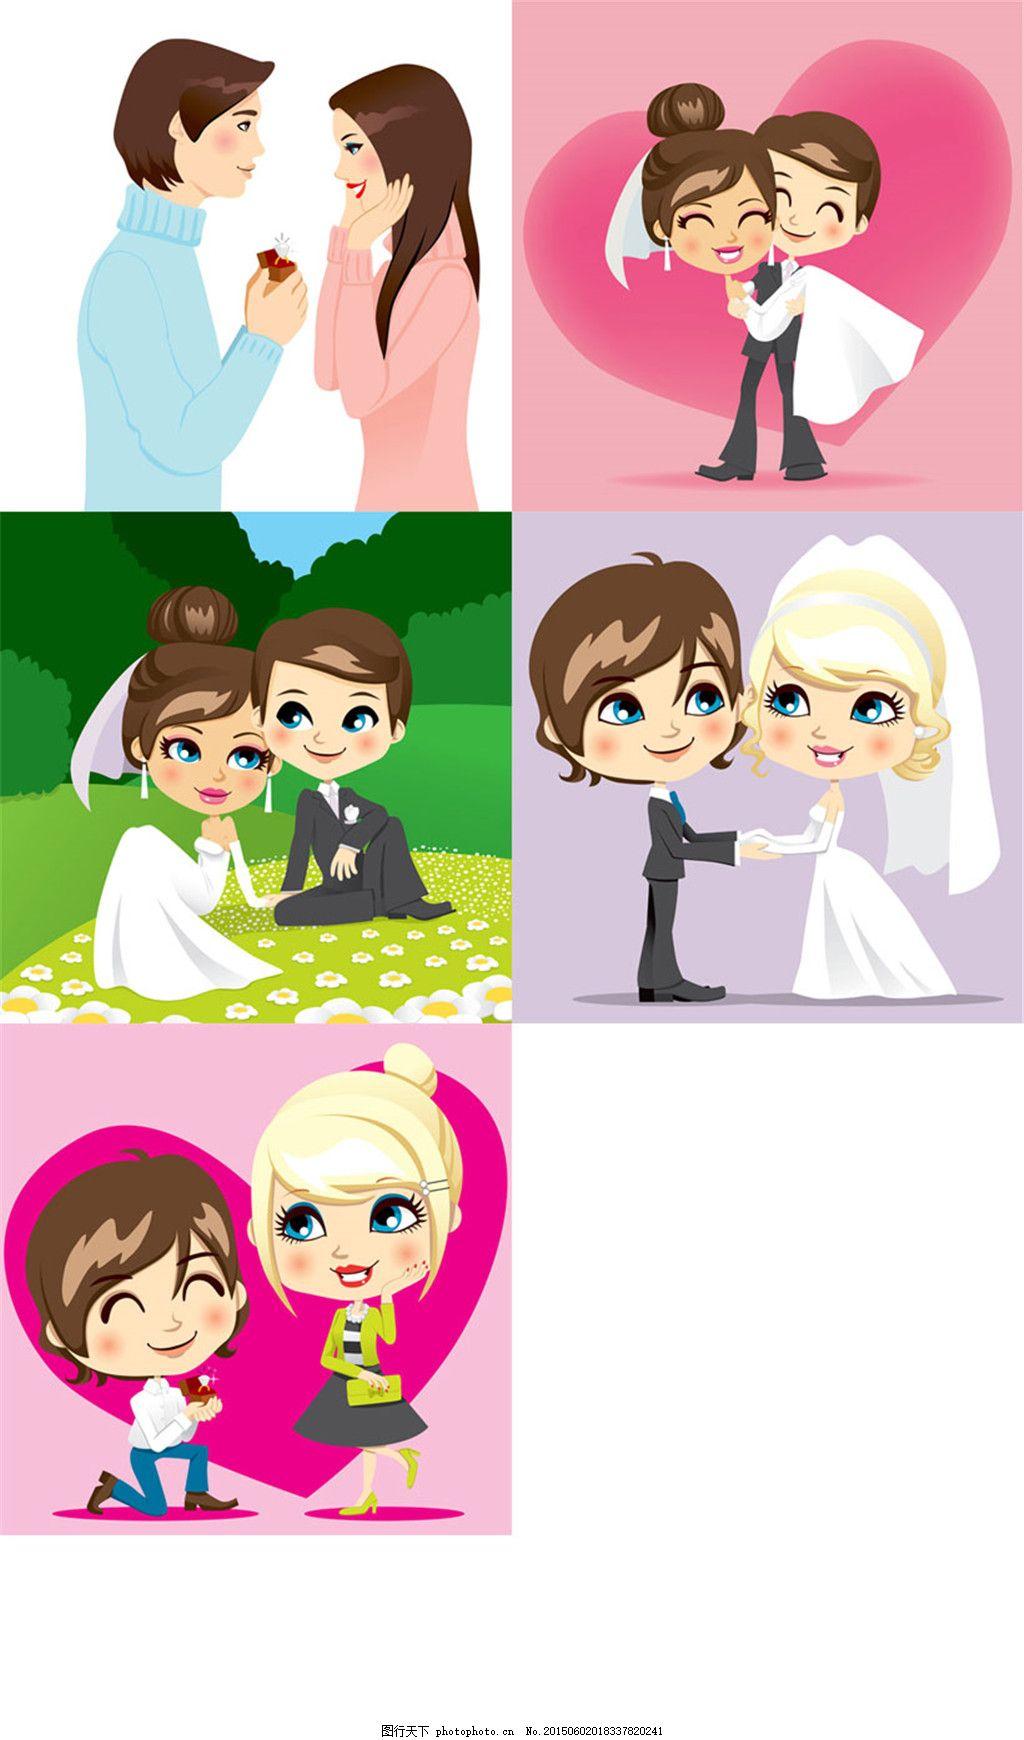 卡通人物新郎新娘矢量素材 矢量苏 婚纱照 开心 幸福 白色